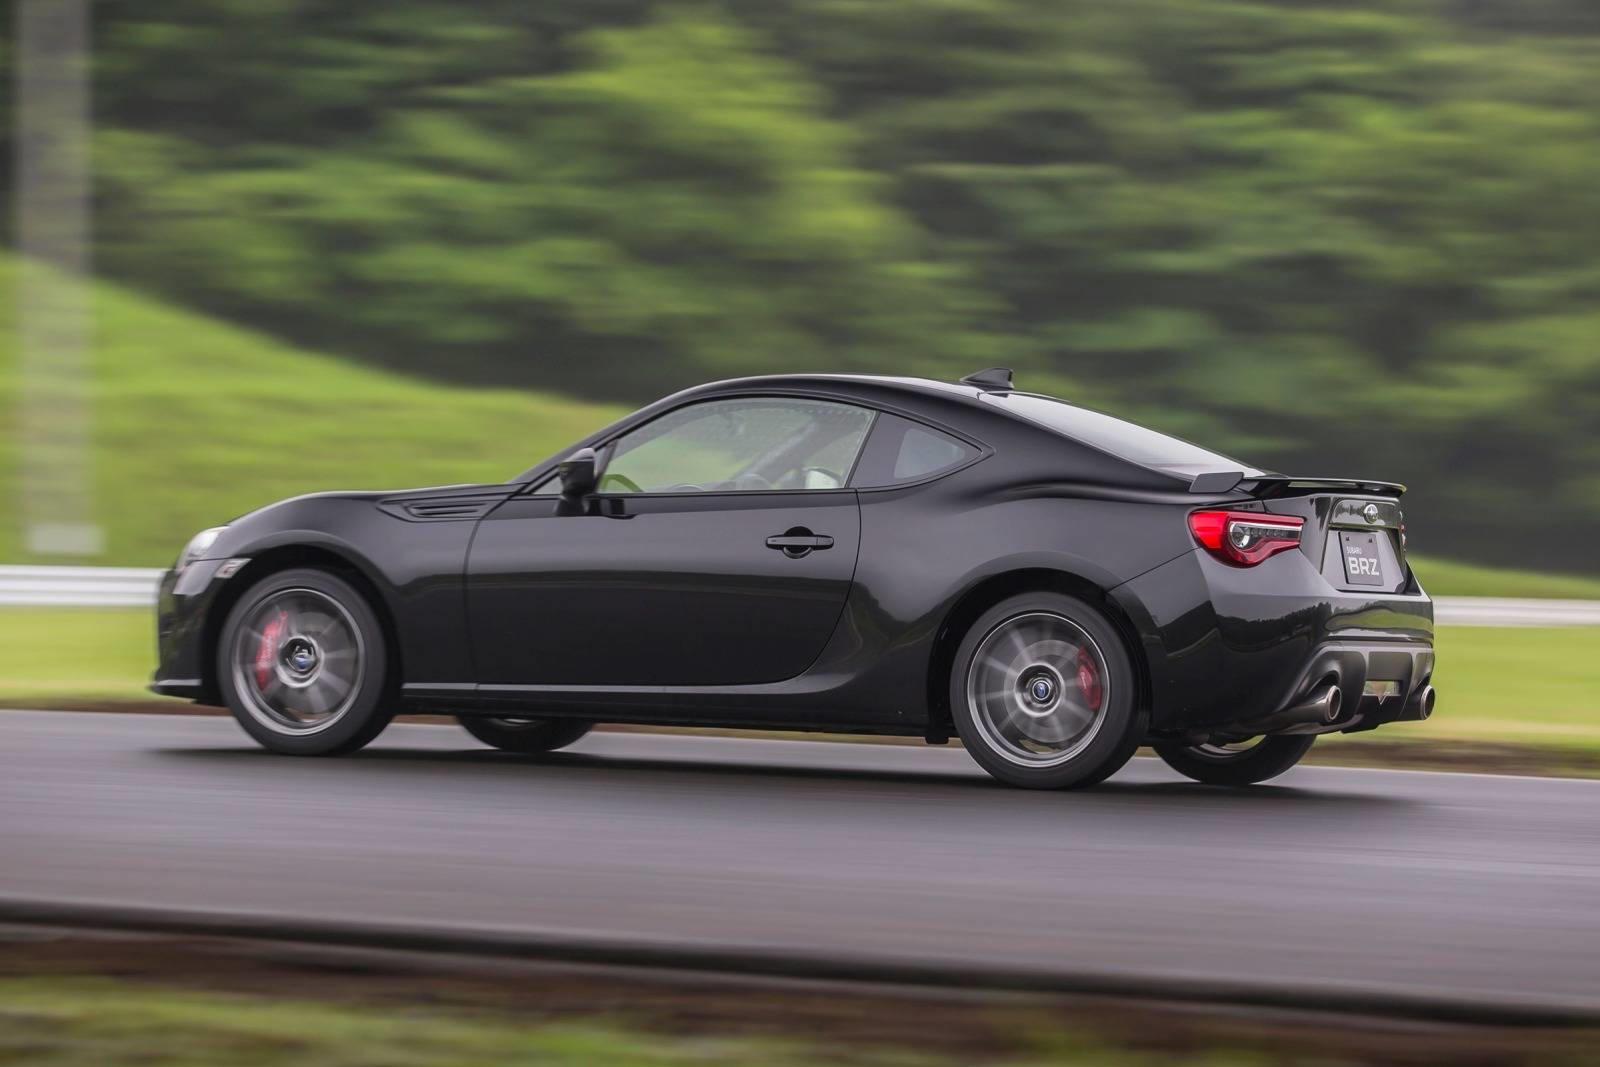 На прошлой неделе новая ограниченная серия Toyota 86 Black Limited была выпущена в Японии как дань уважения Toyota AE86 Black Limited, что вызвало слухи о том, что производство модели текущего поколения скоро закончится. Производство было начато еще